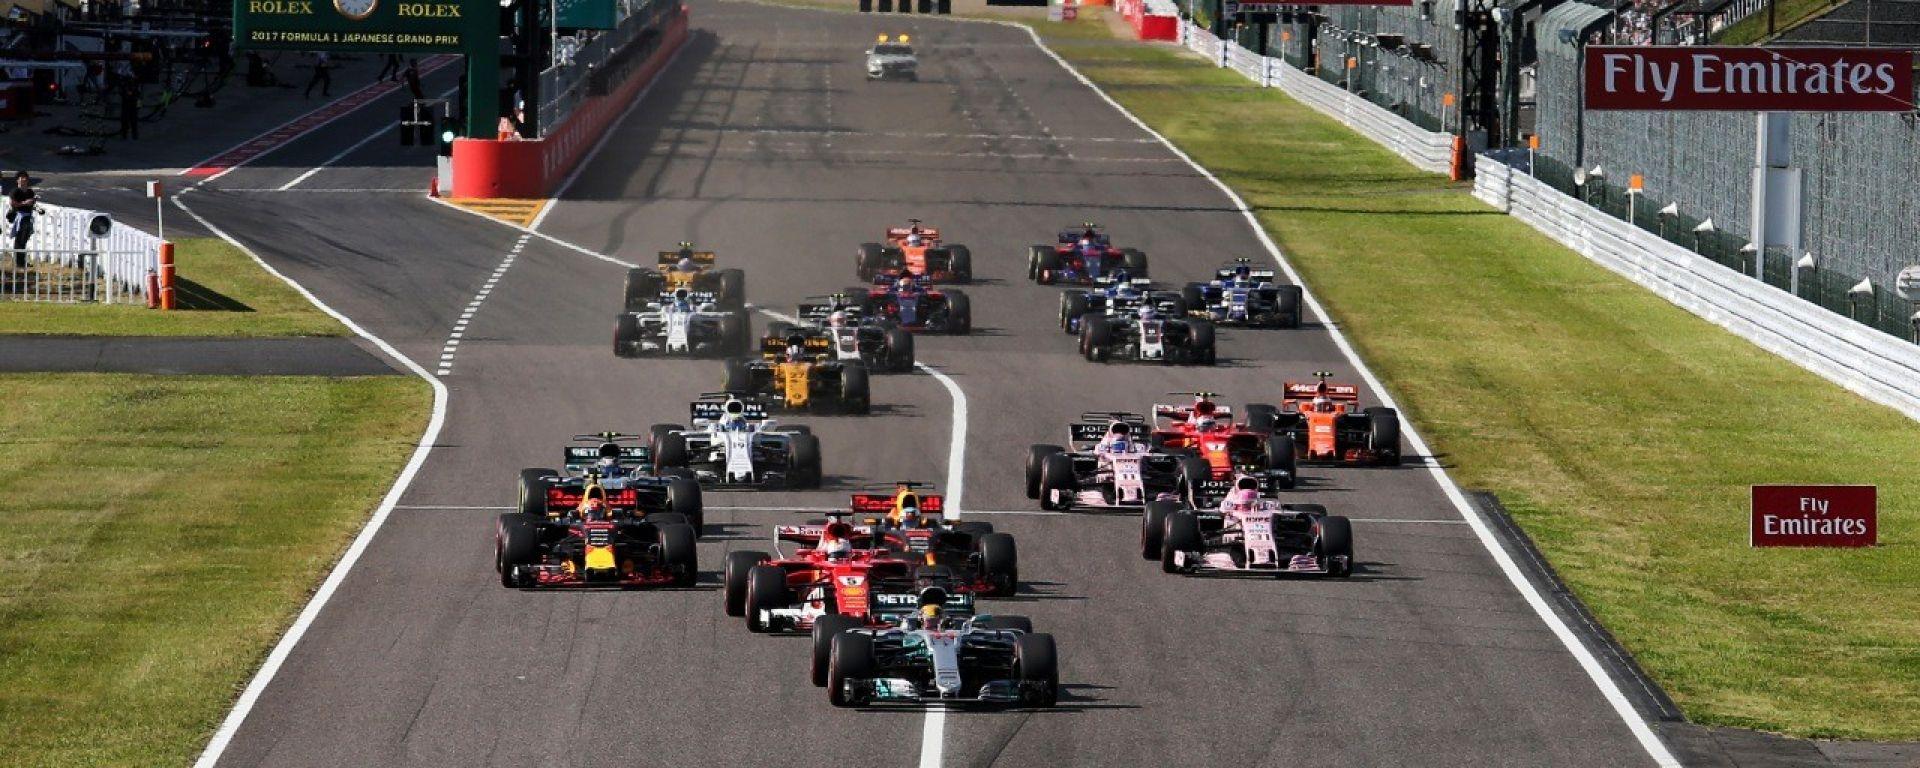 La partenza del GP del Giappone 2017 a Suzuka